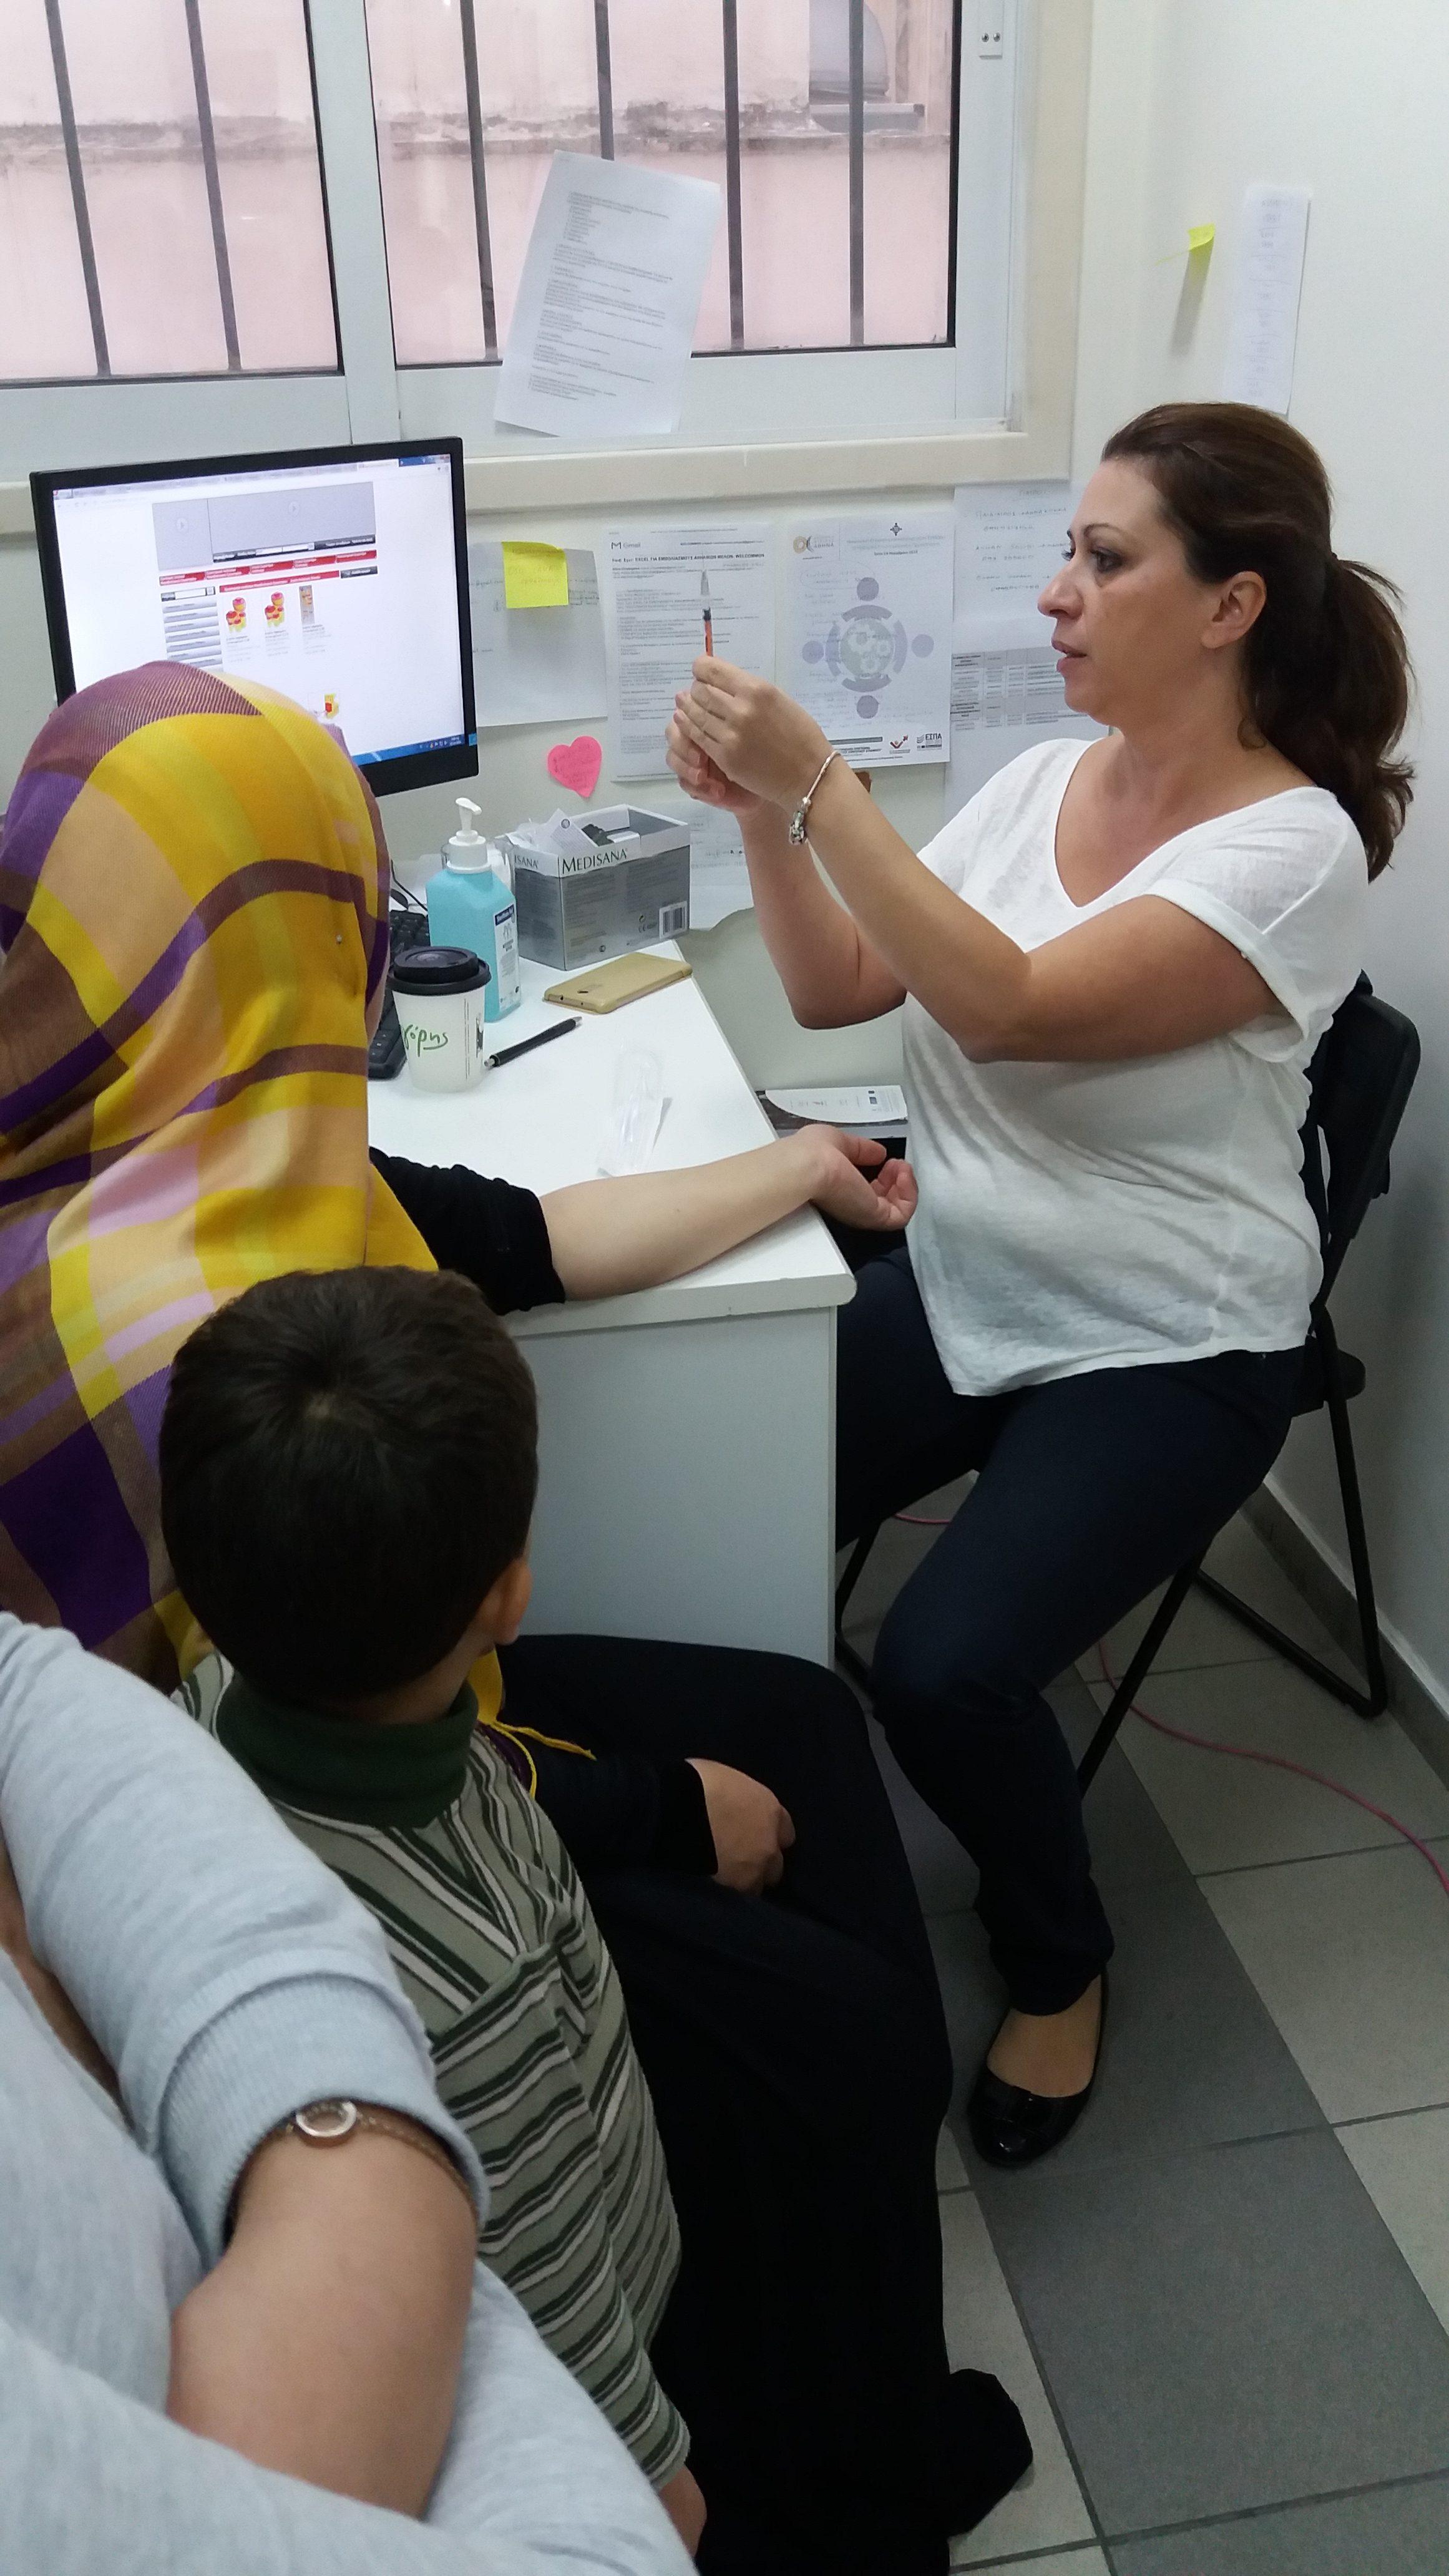 Στο WELCOMMON, φροντίζοντας την υγεία των προσφύγων και την δημόσια υγεία